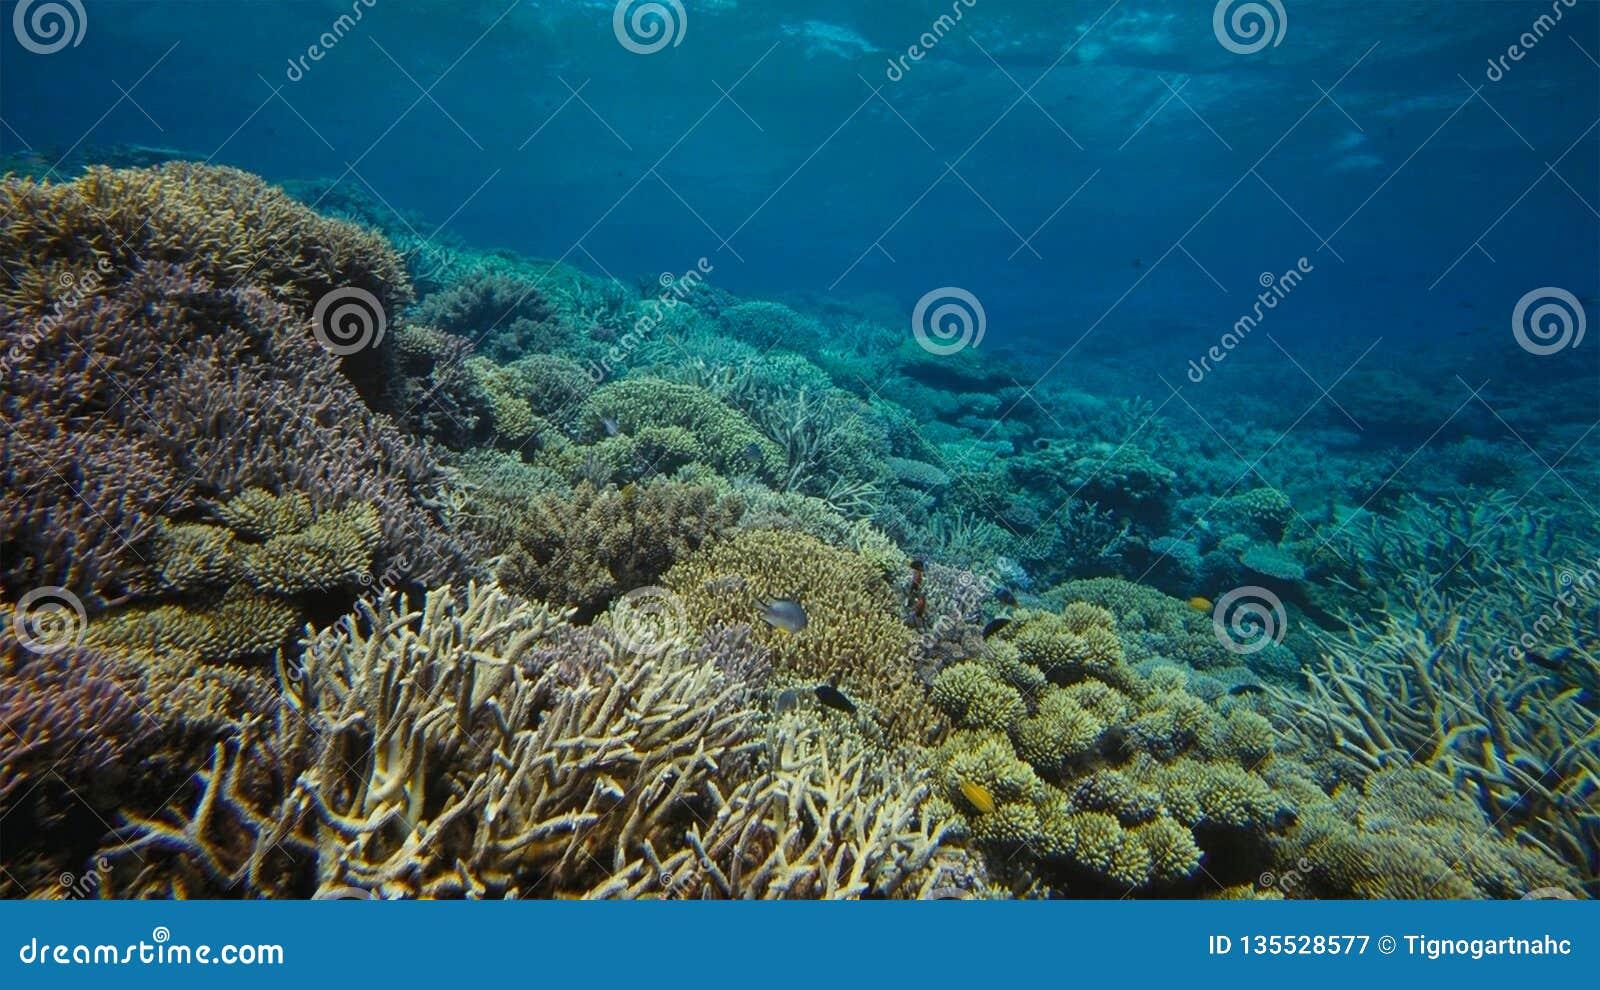 Coral Reef Great Barrier Reef Australia Underwater